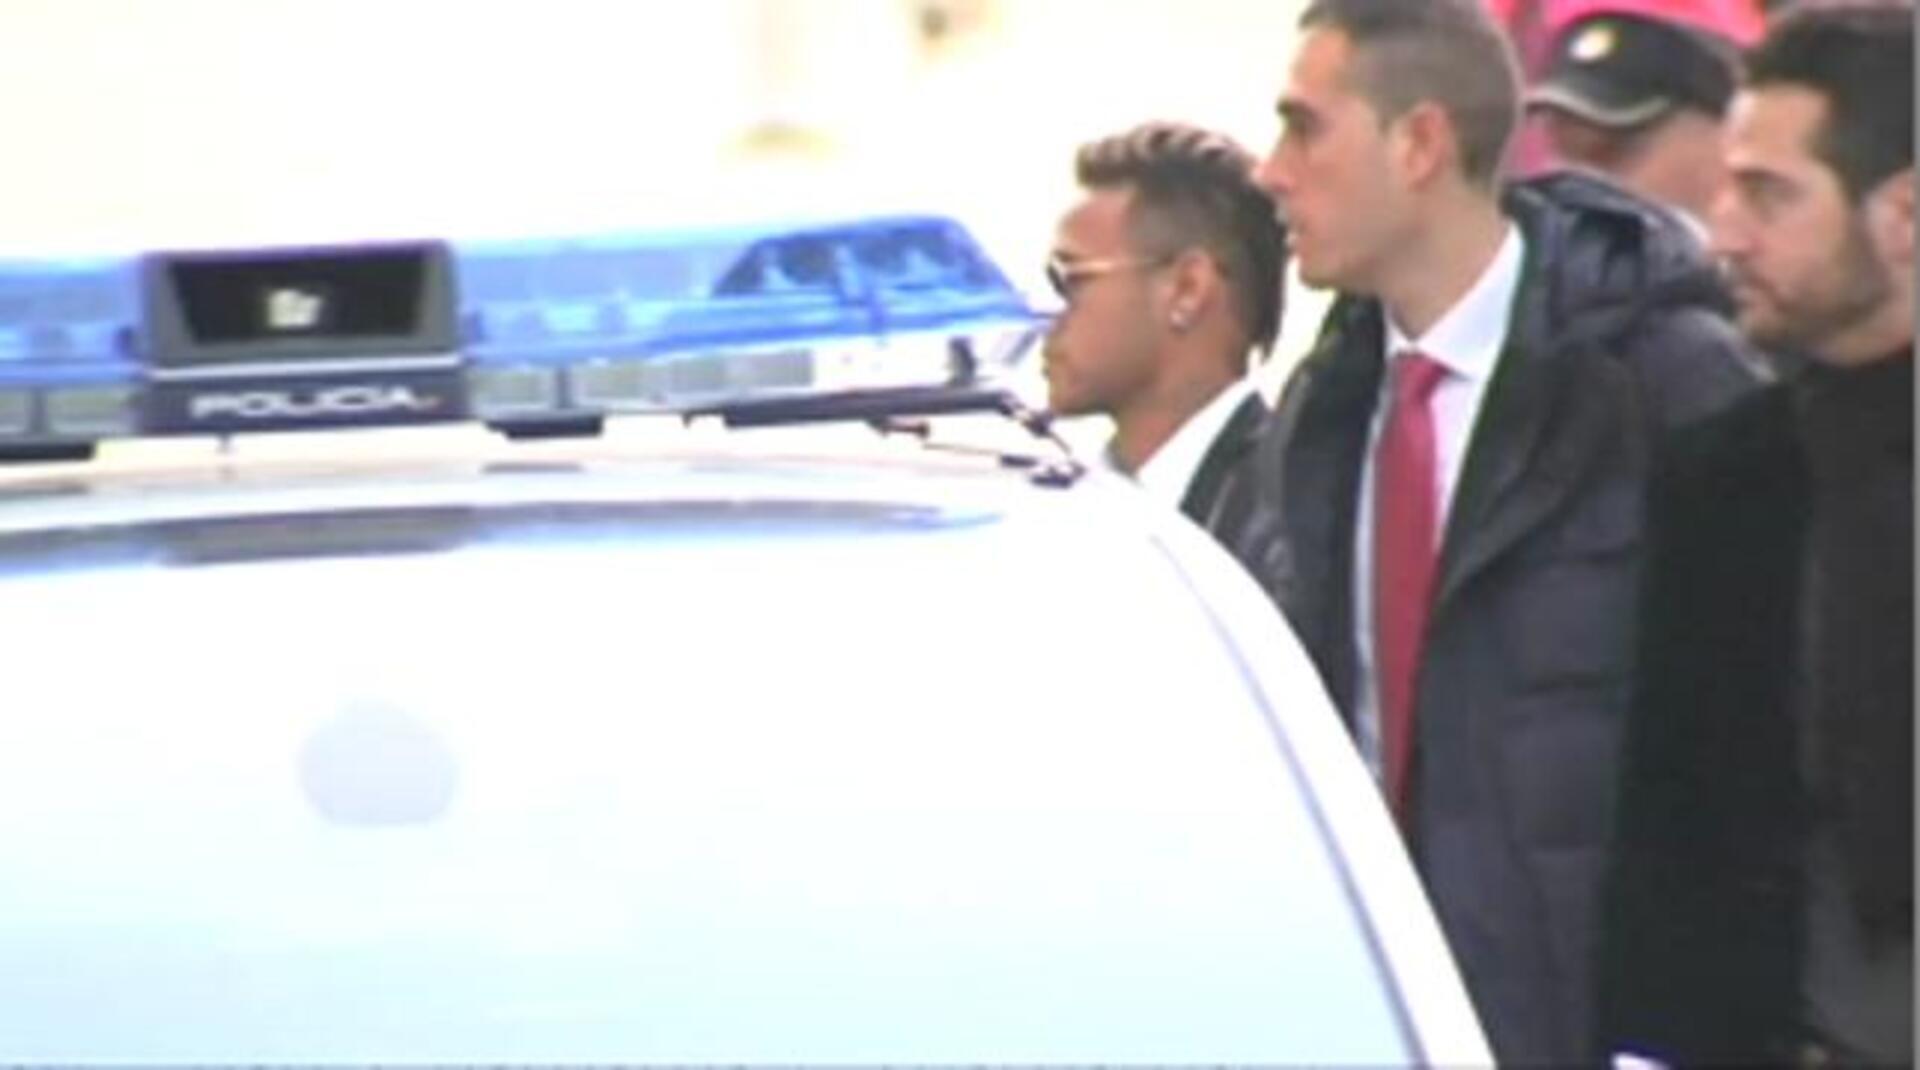 Neymar, tras declarar, queda en libertad sin medidas cautelares aunque sigue imputado por corrupción y estafa